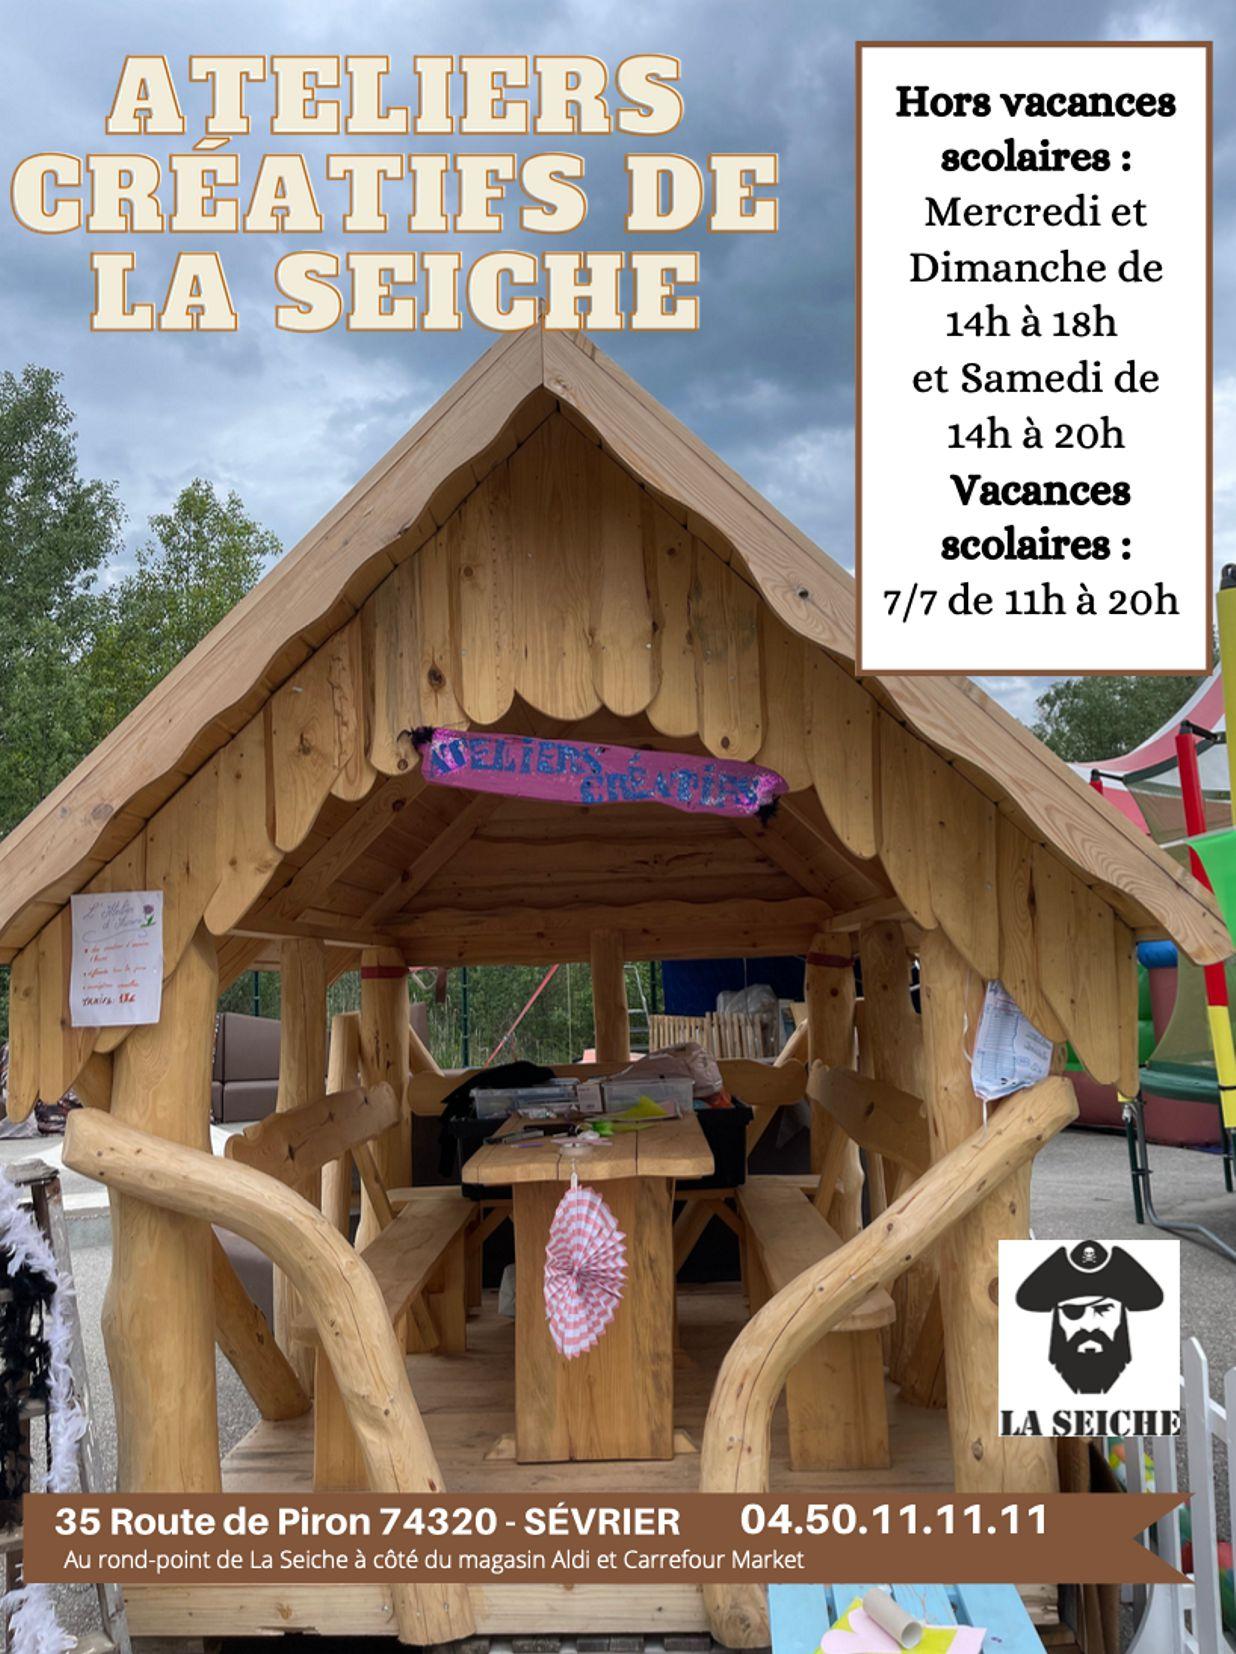 Atelier créatif d'Aurore. Marché de la Seiche - Sevrier - Lac d'Annecy